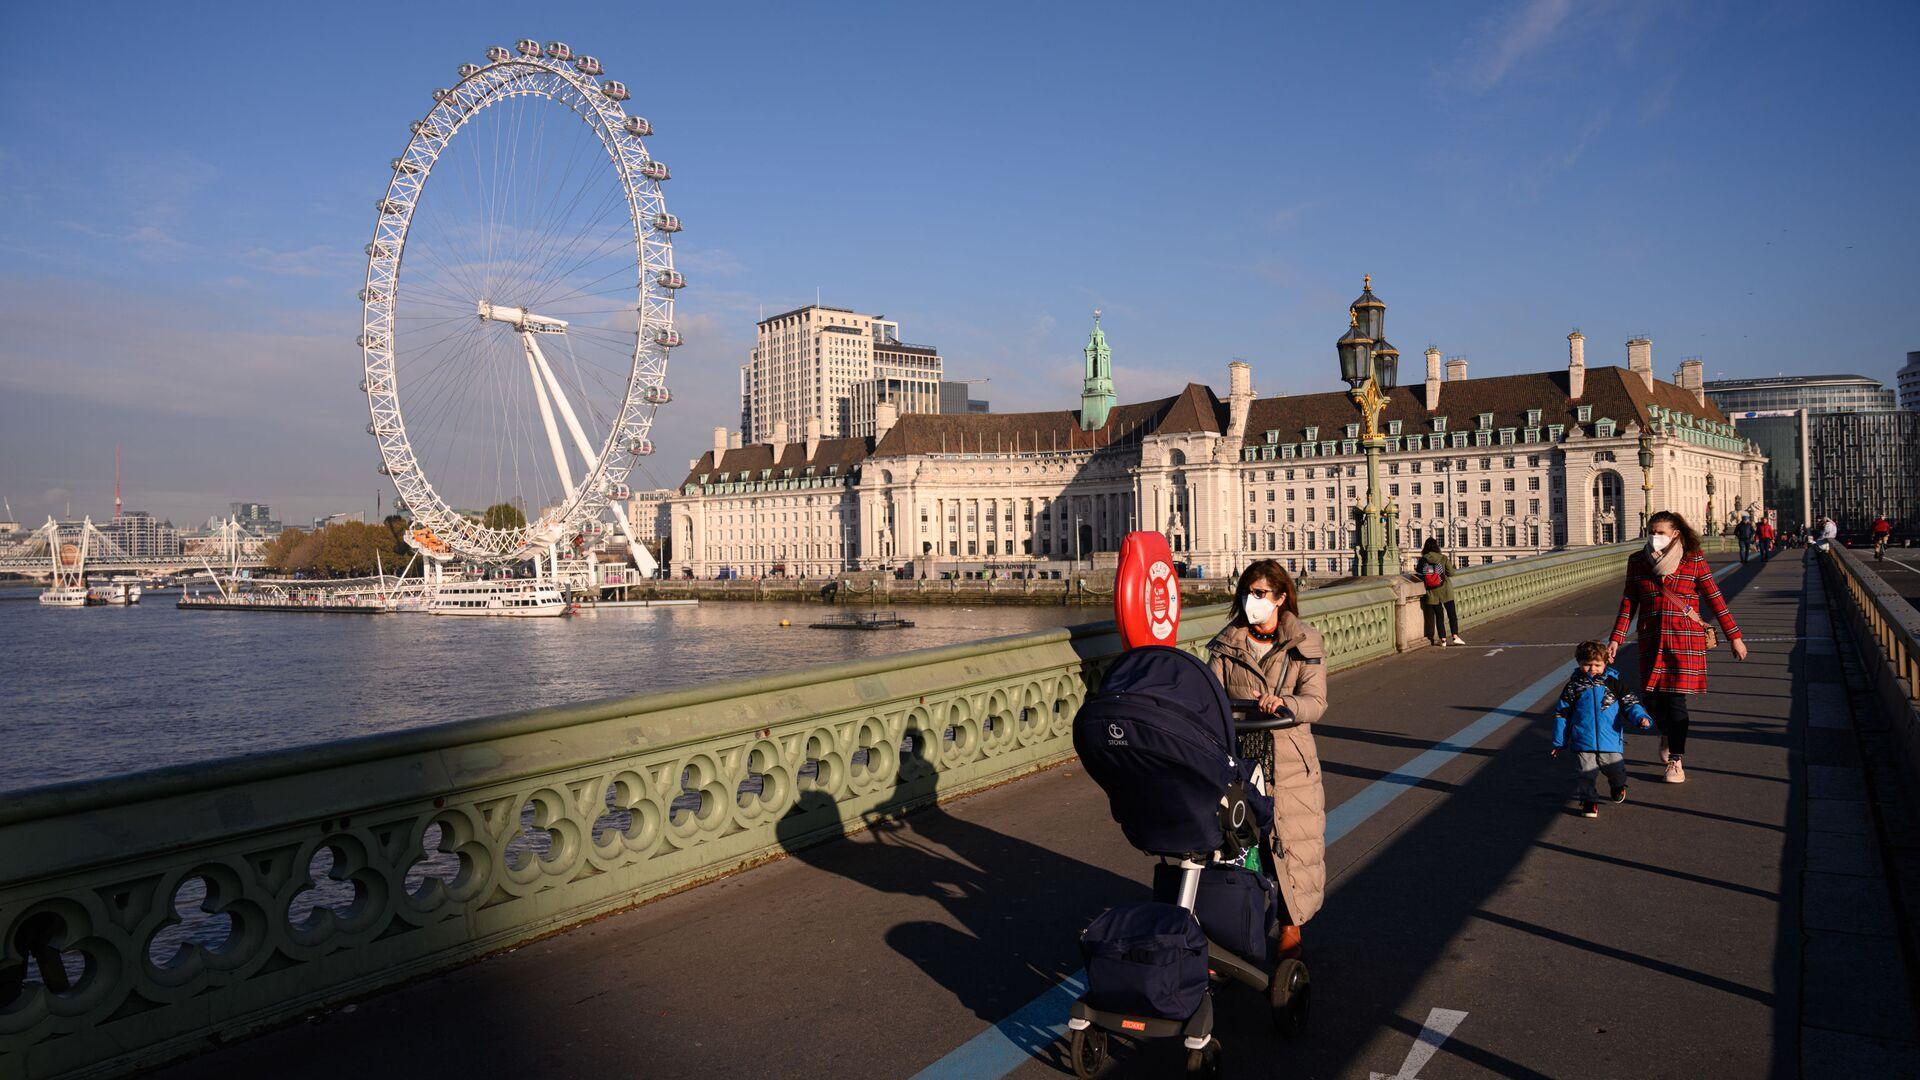 英国 海外旅行へ行く自国民に対し来週からワクチンパスポートを導入 - Sputnik 日本, 1920, 11.05.2021